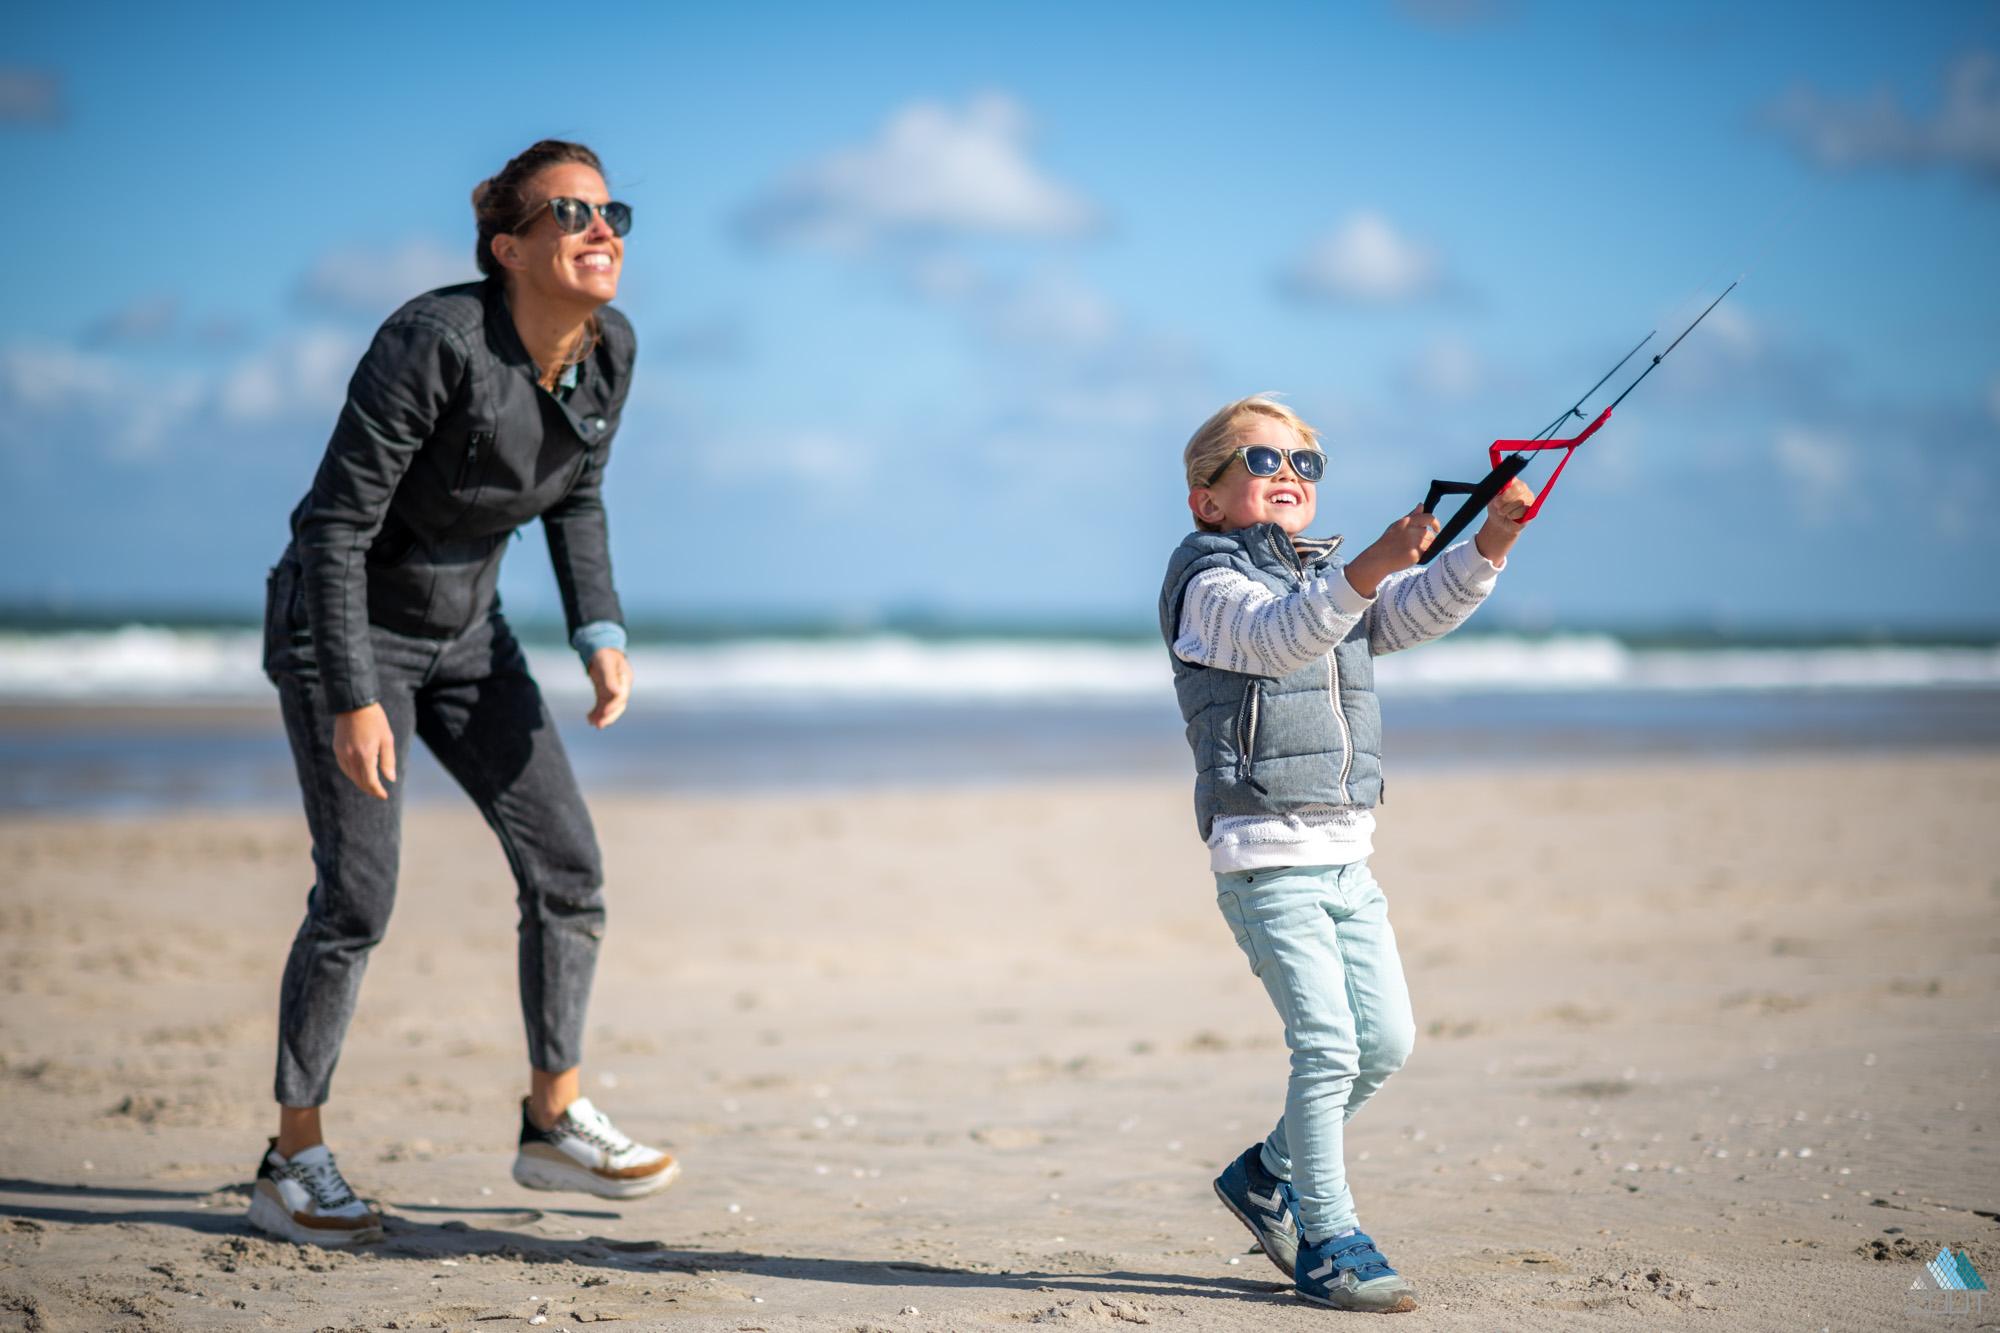 PLKB landkites vlieger kids